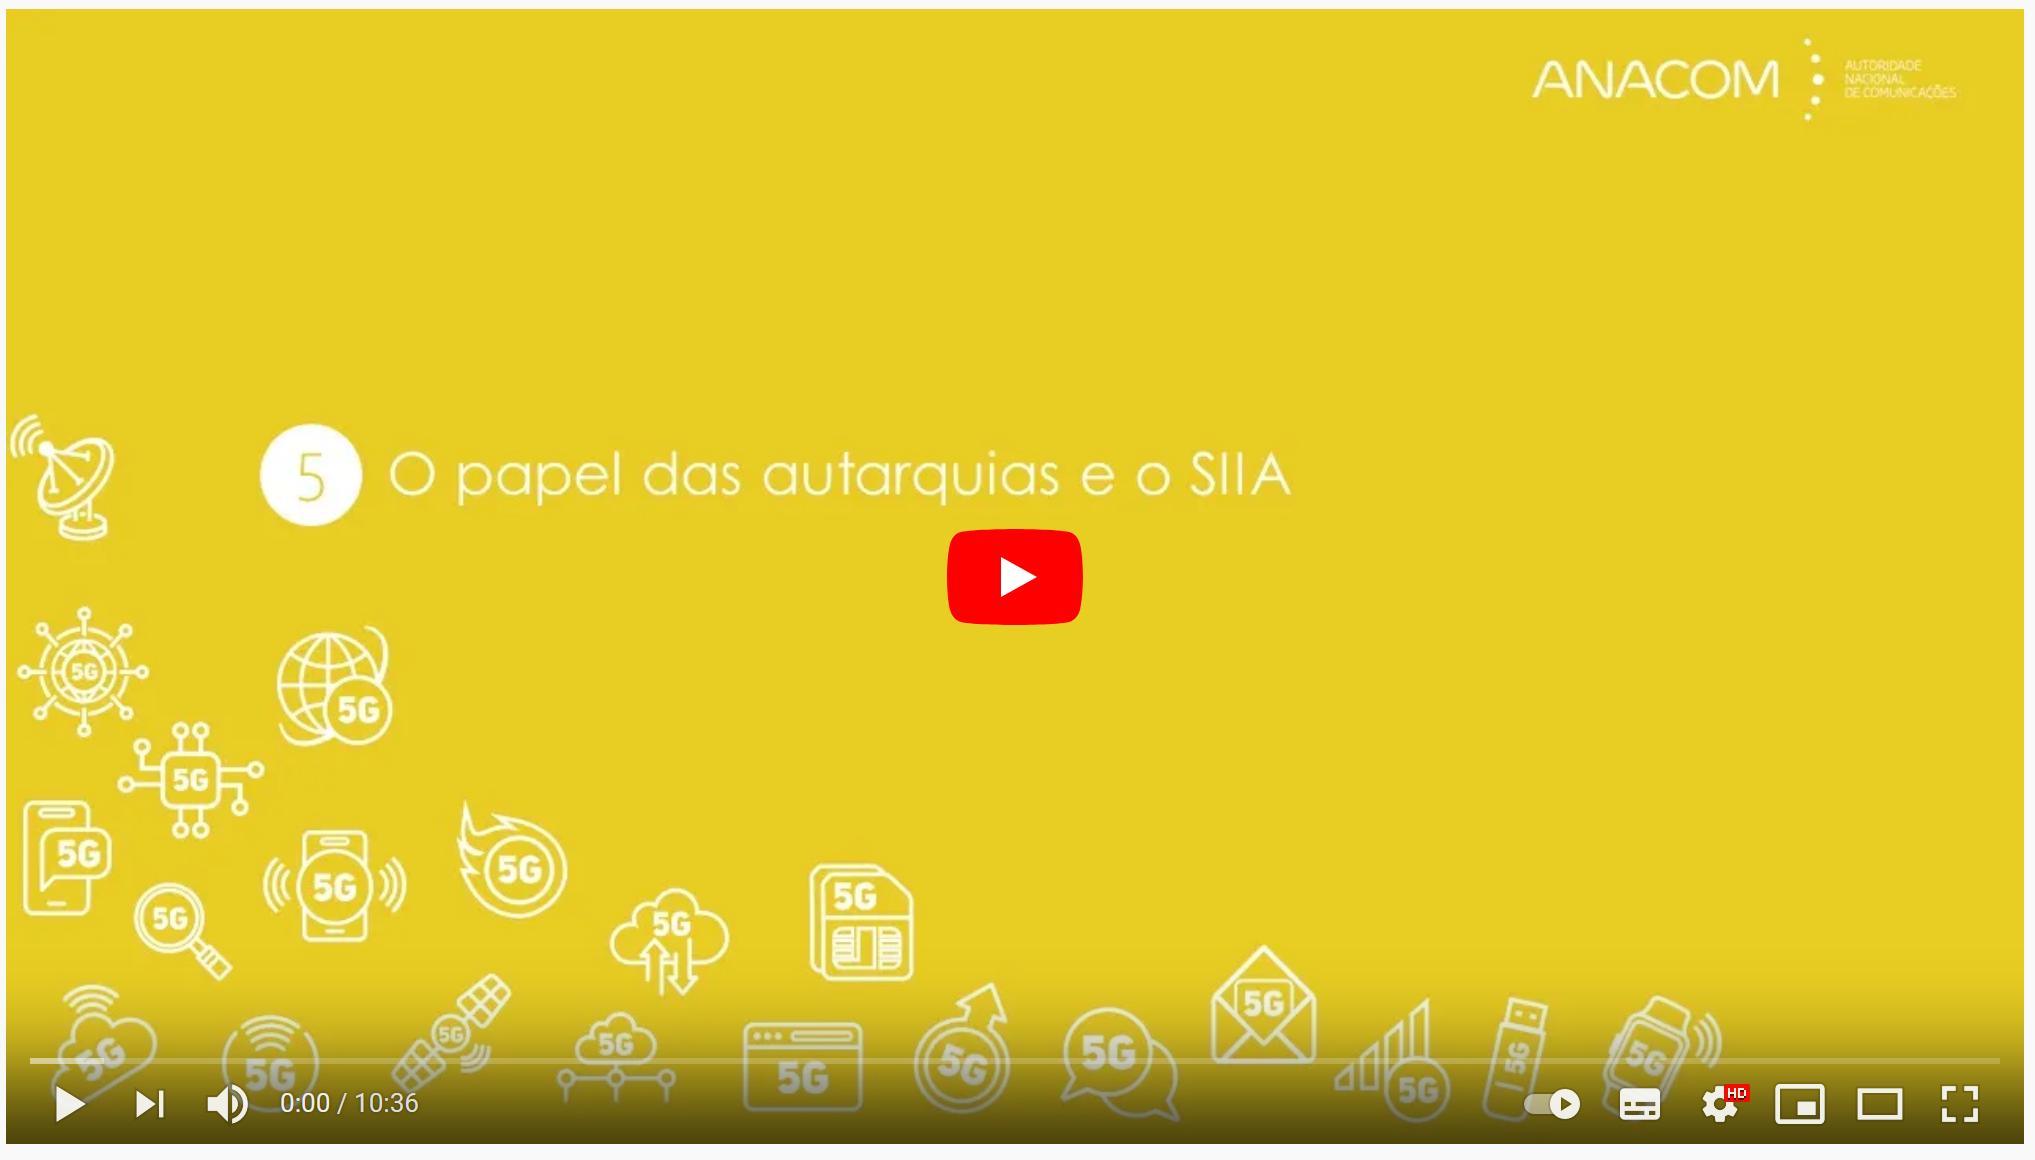 5.-video-o-papel-das-autarquias-e-o-SIIA-2